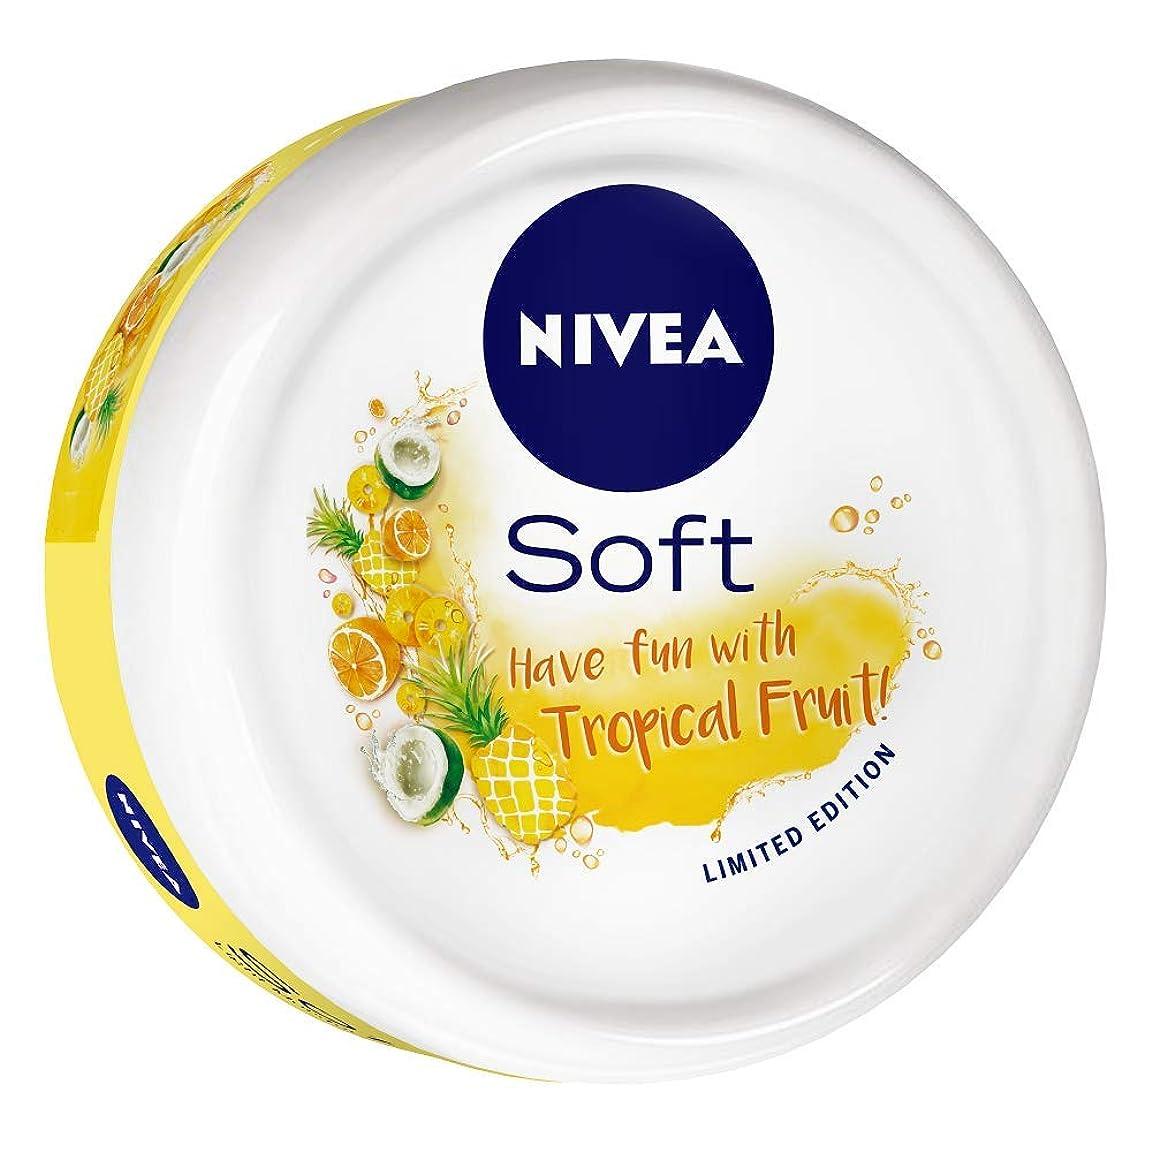 時計怒る実験NIVEA Soft Light Moisturizer Tropical Fruit With Vitamin E & Jojoba Oil, 100 ml